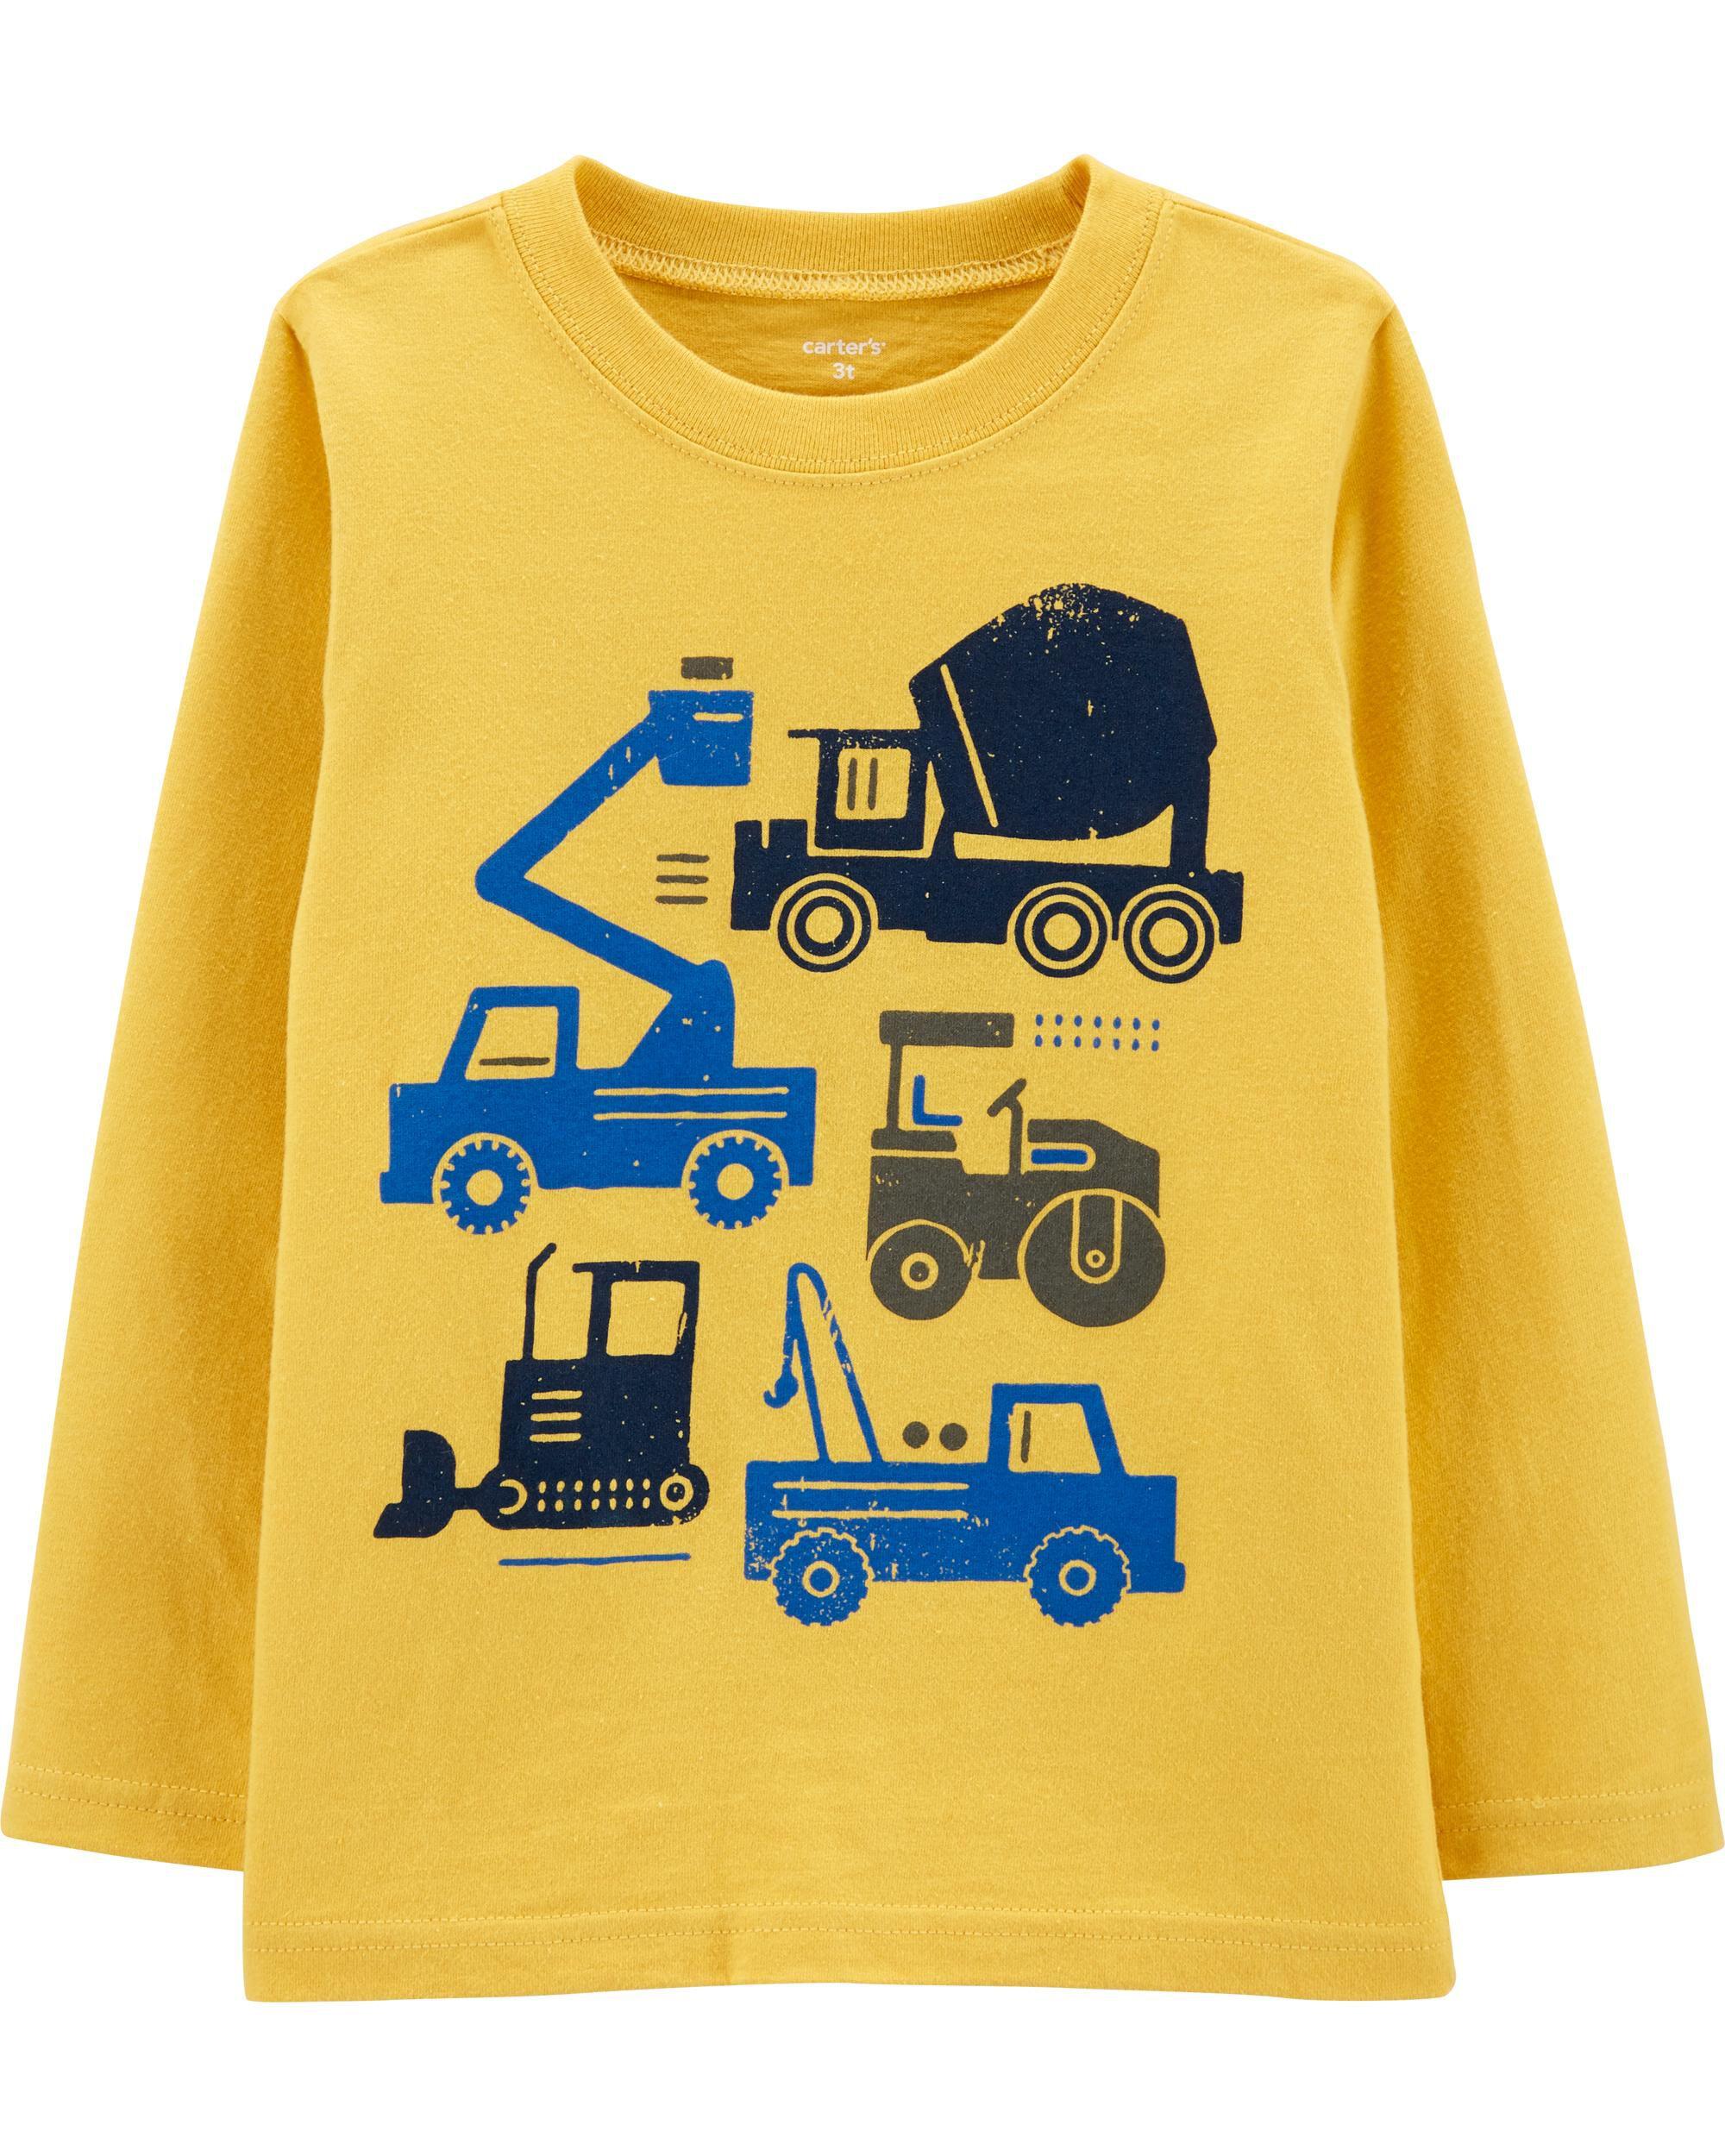 *DOORBUSTER*Construction Truck Jersey Tee